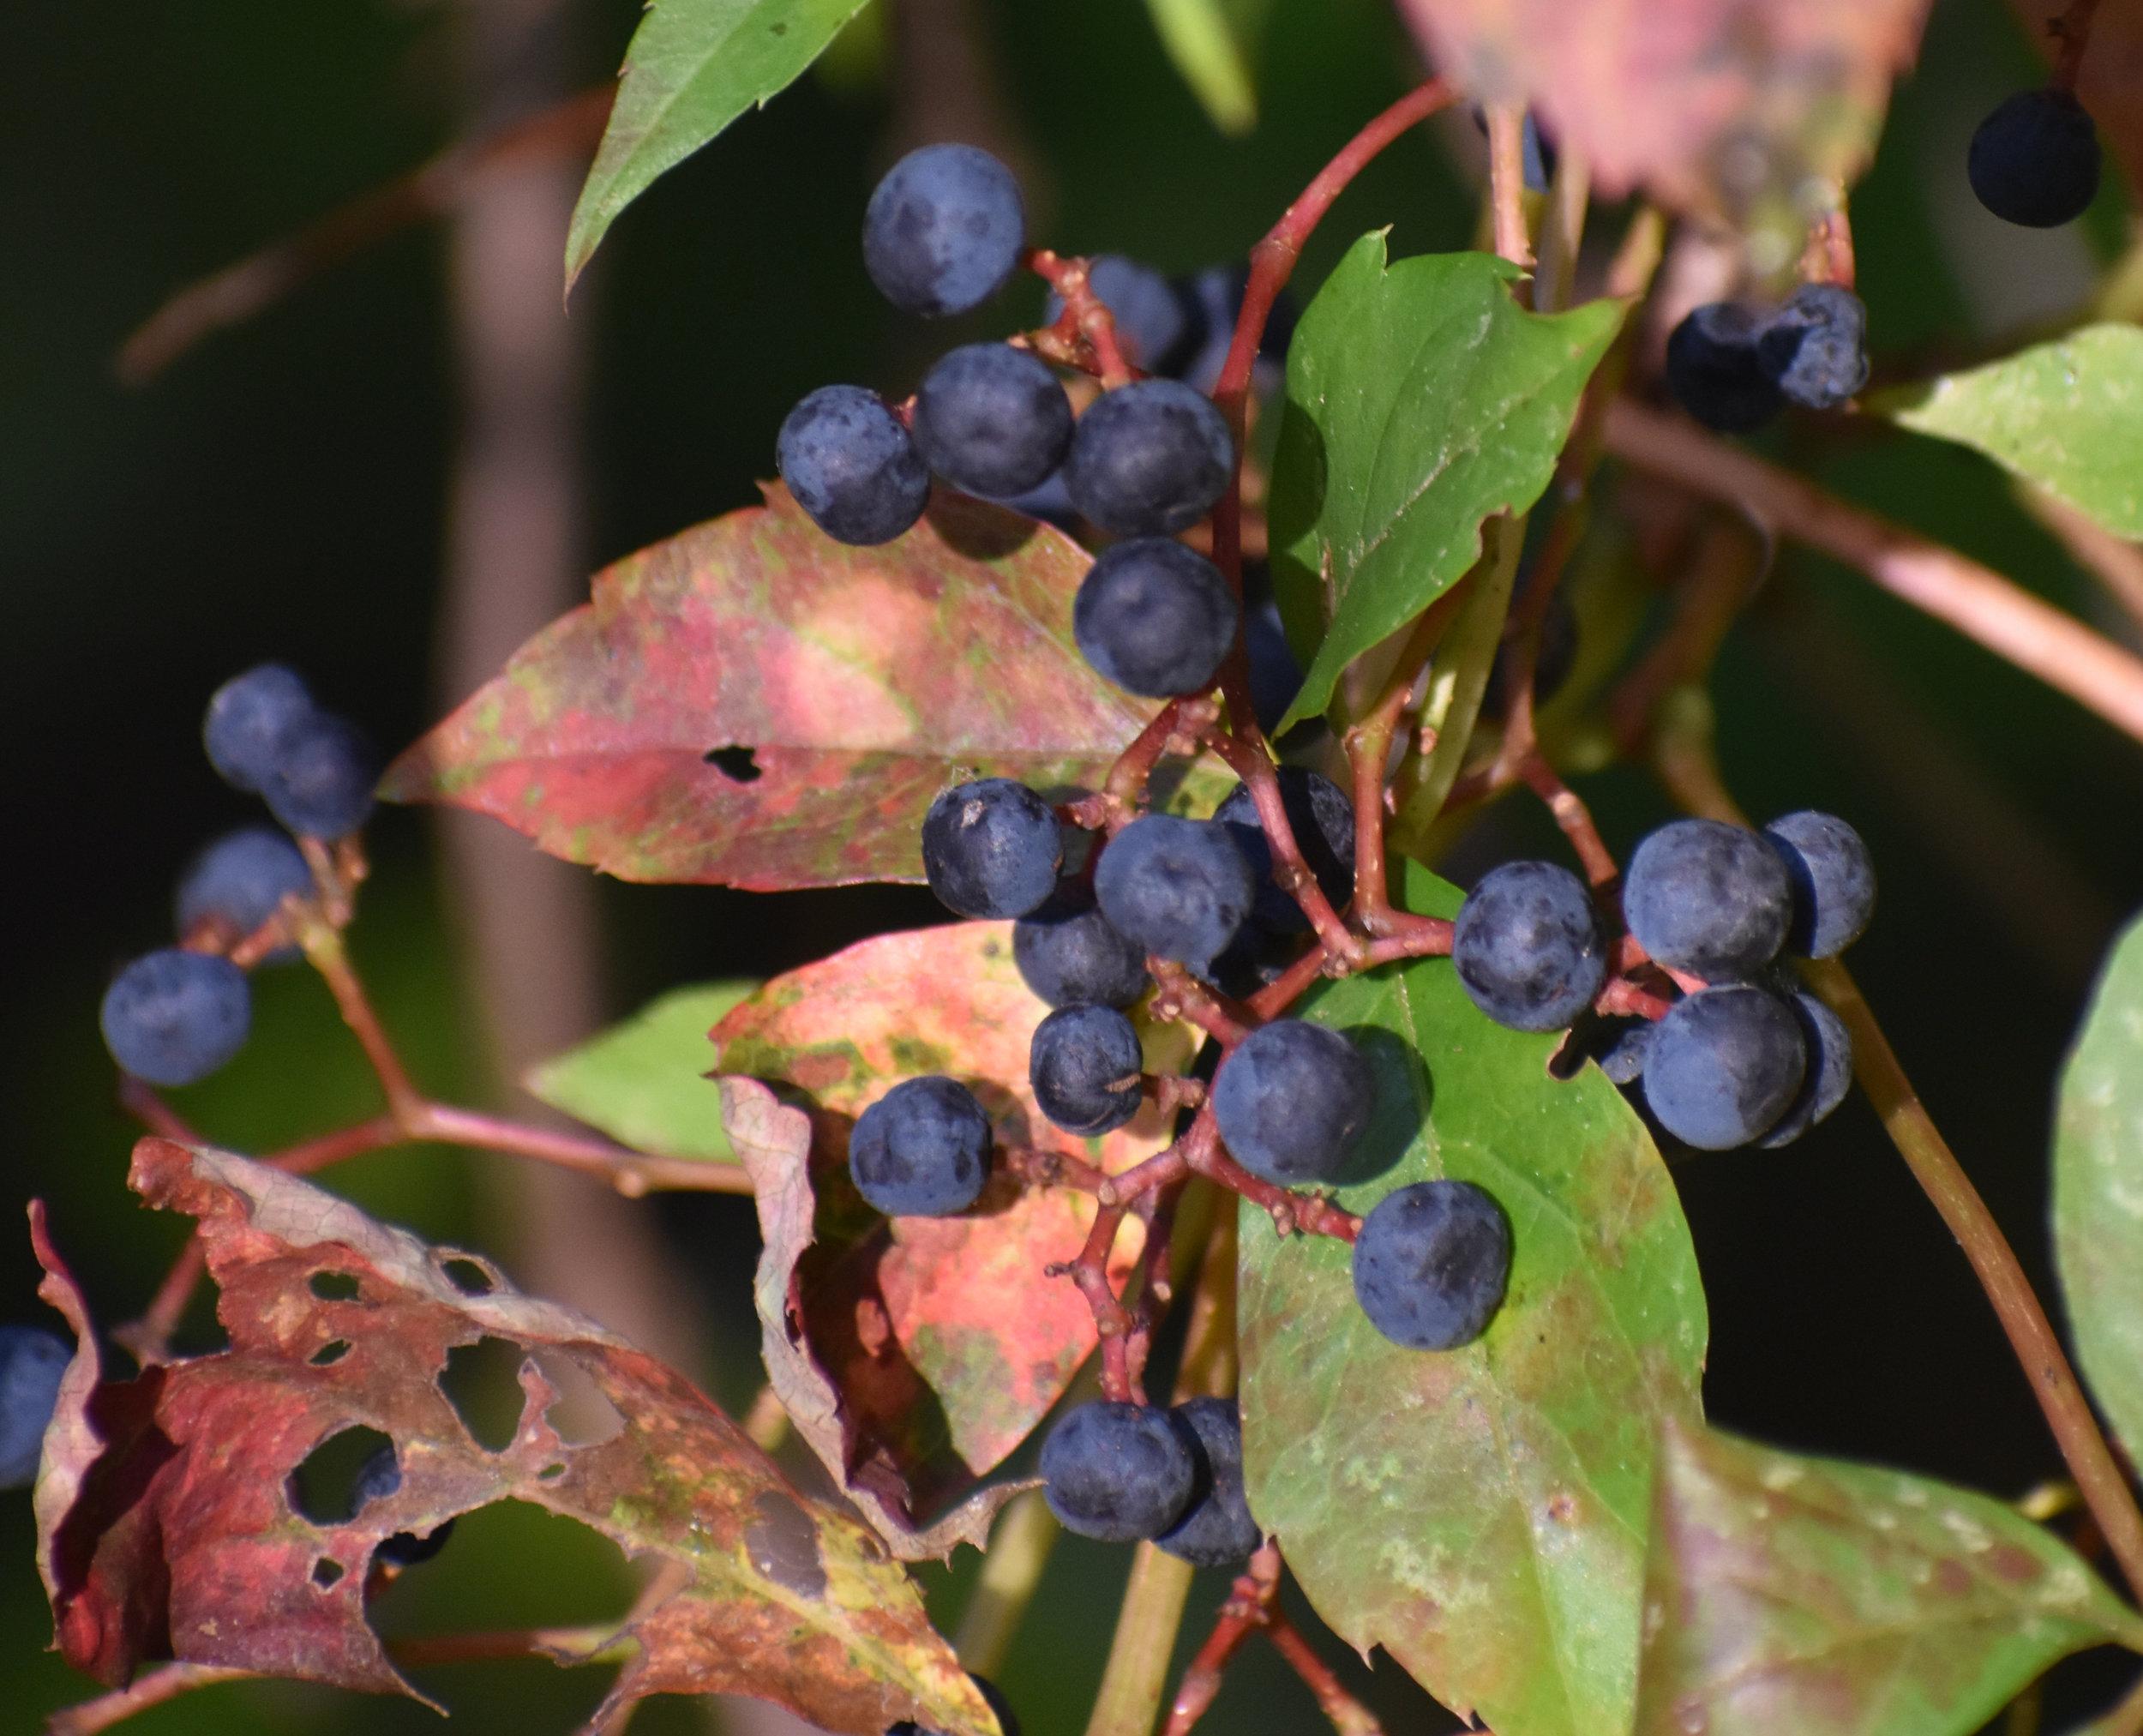 Virginia Creeper Berries attract birds